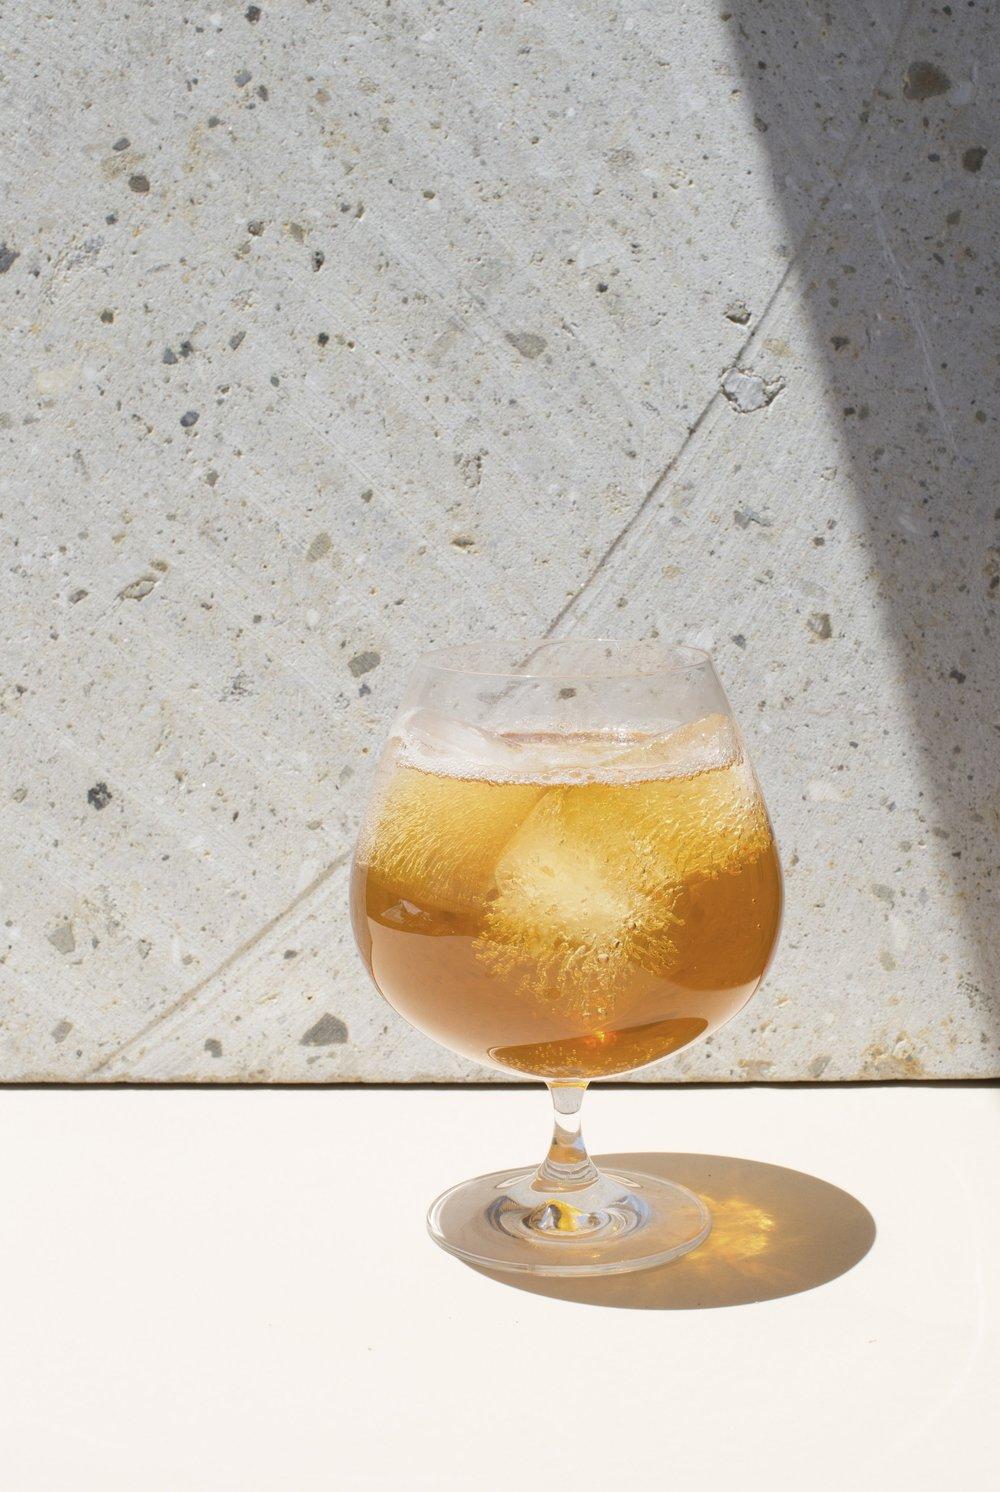 Armónico  Café Cold brew  Agua tónica